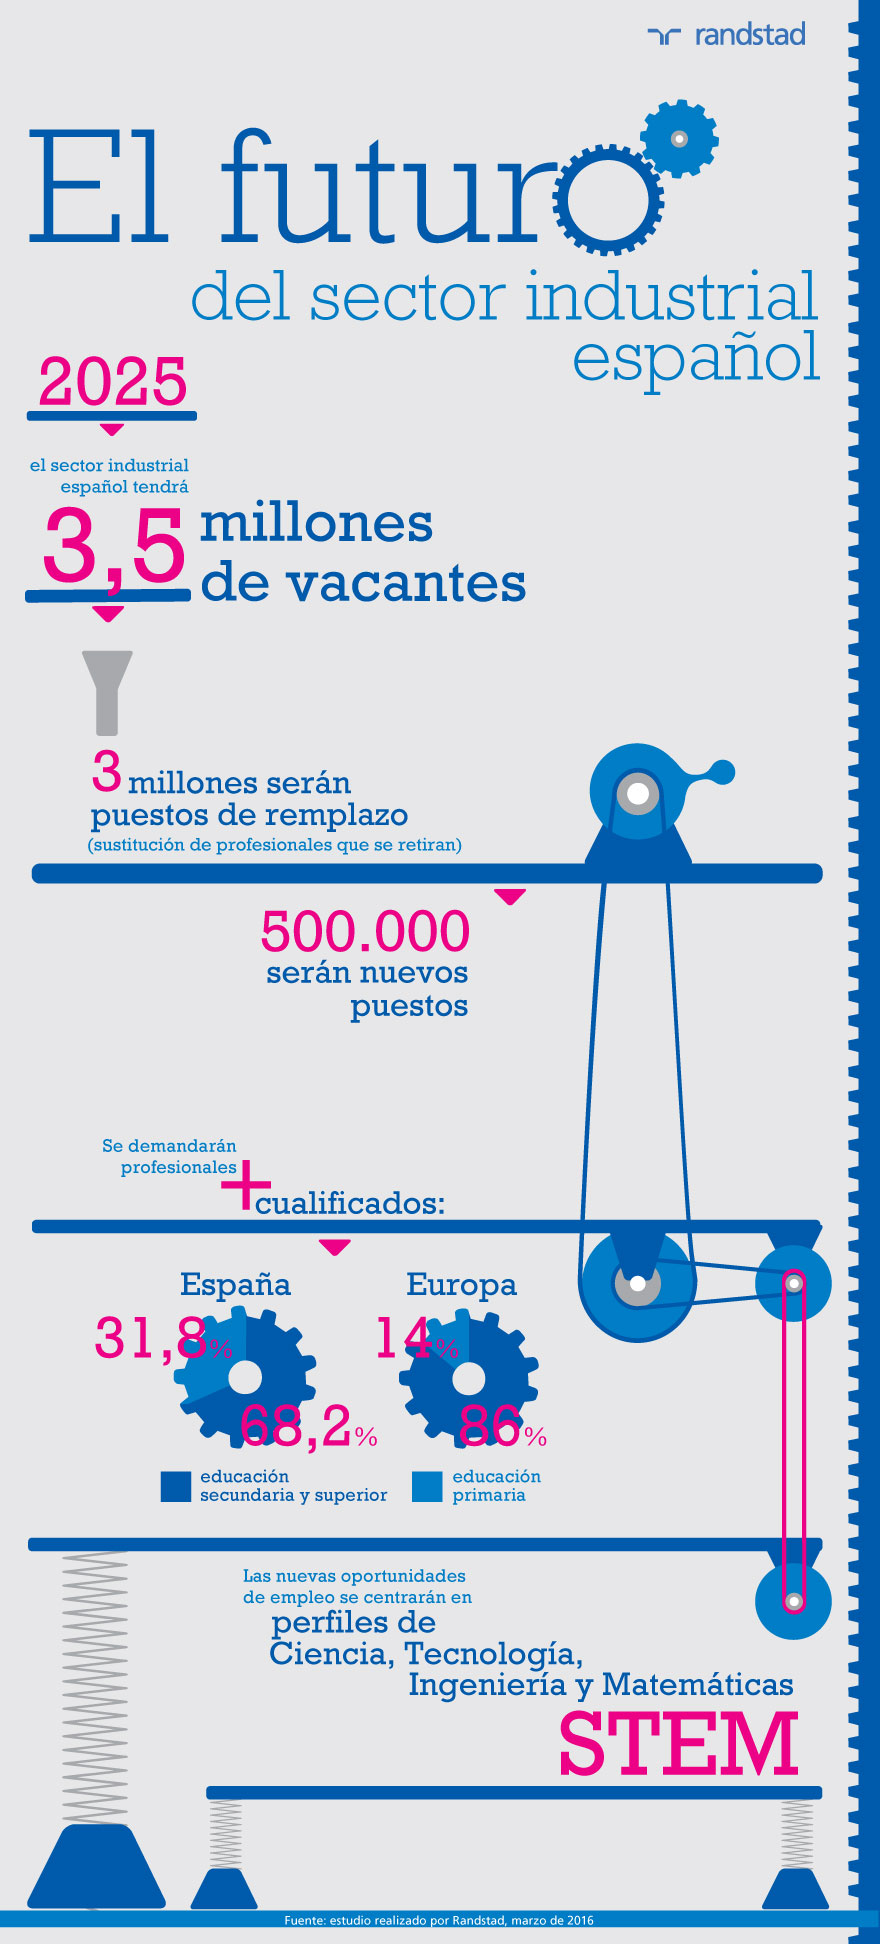 El futuro del sector industrial | infografía | revista tendencias25